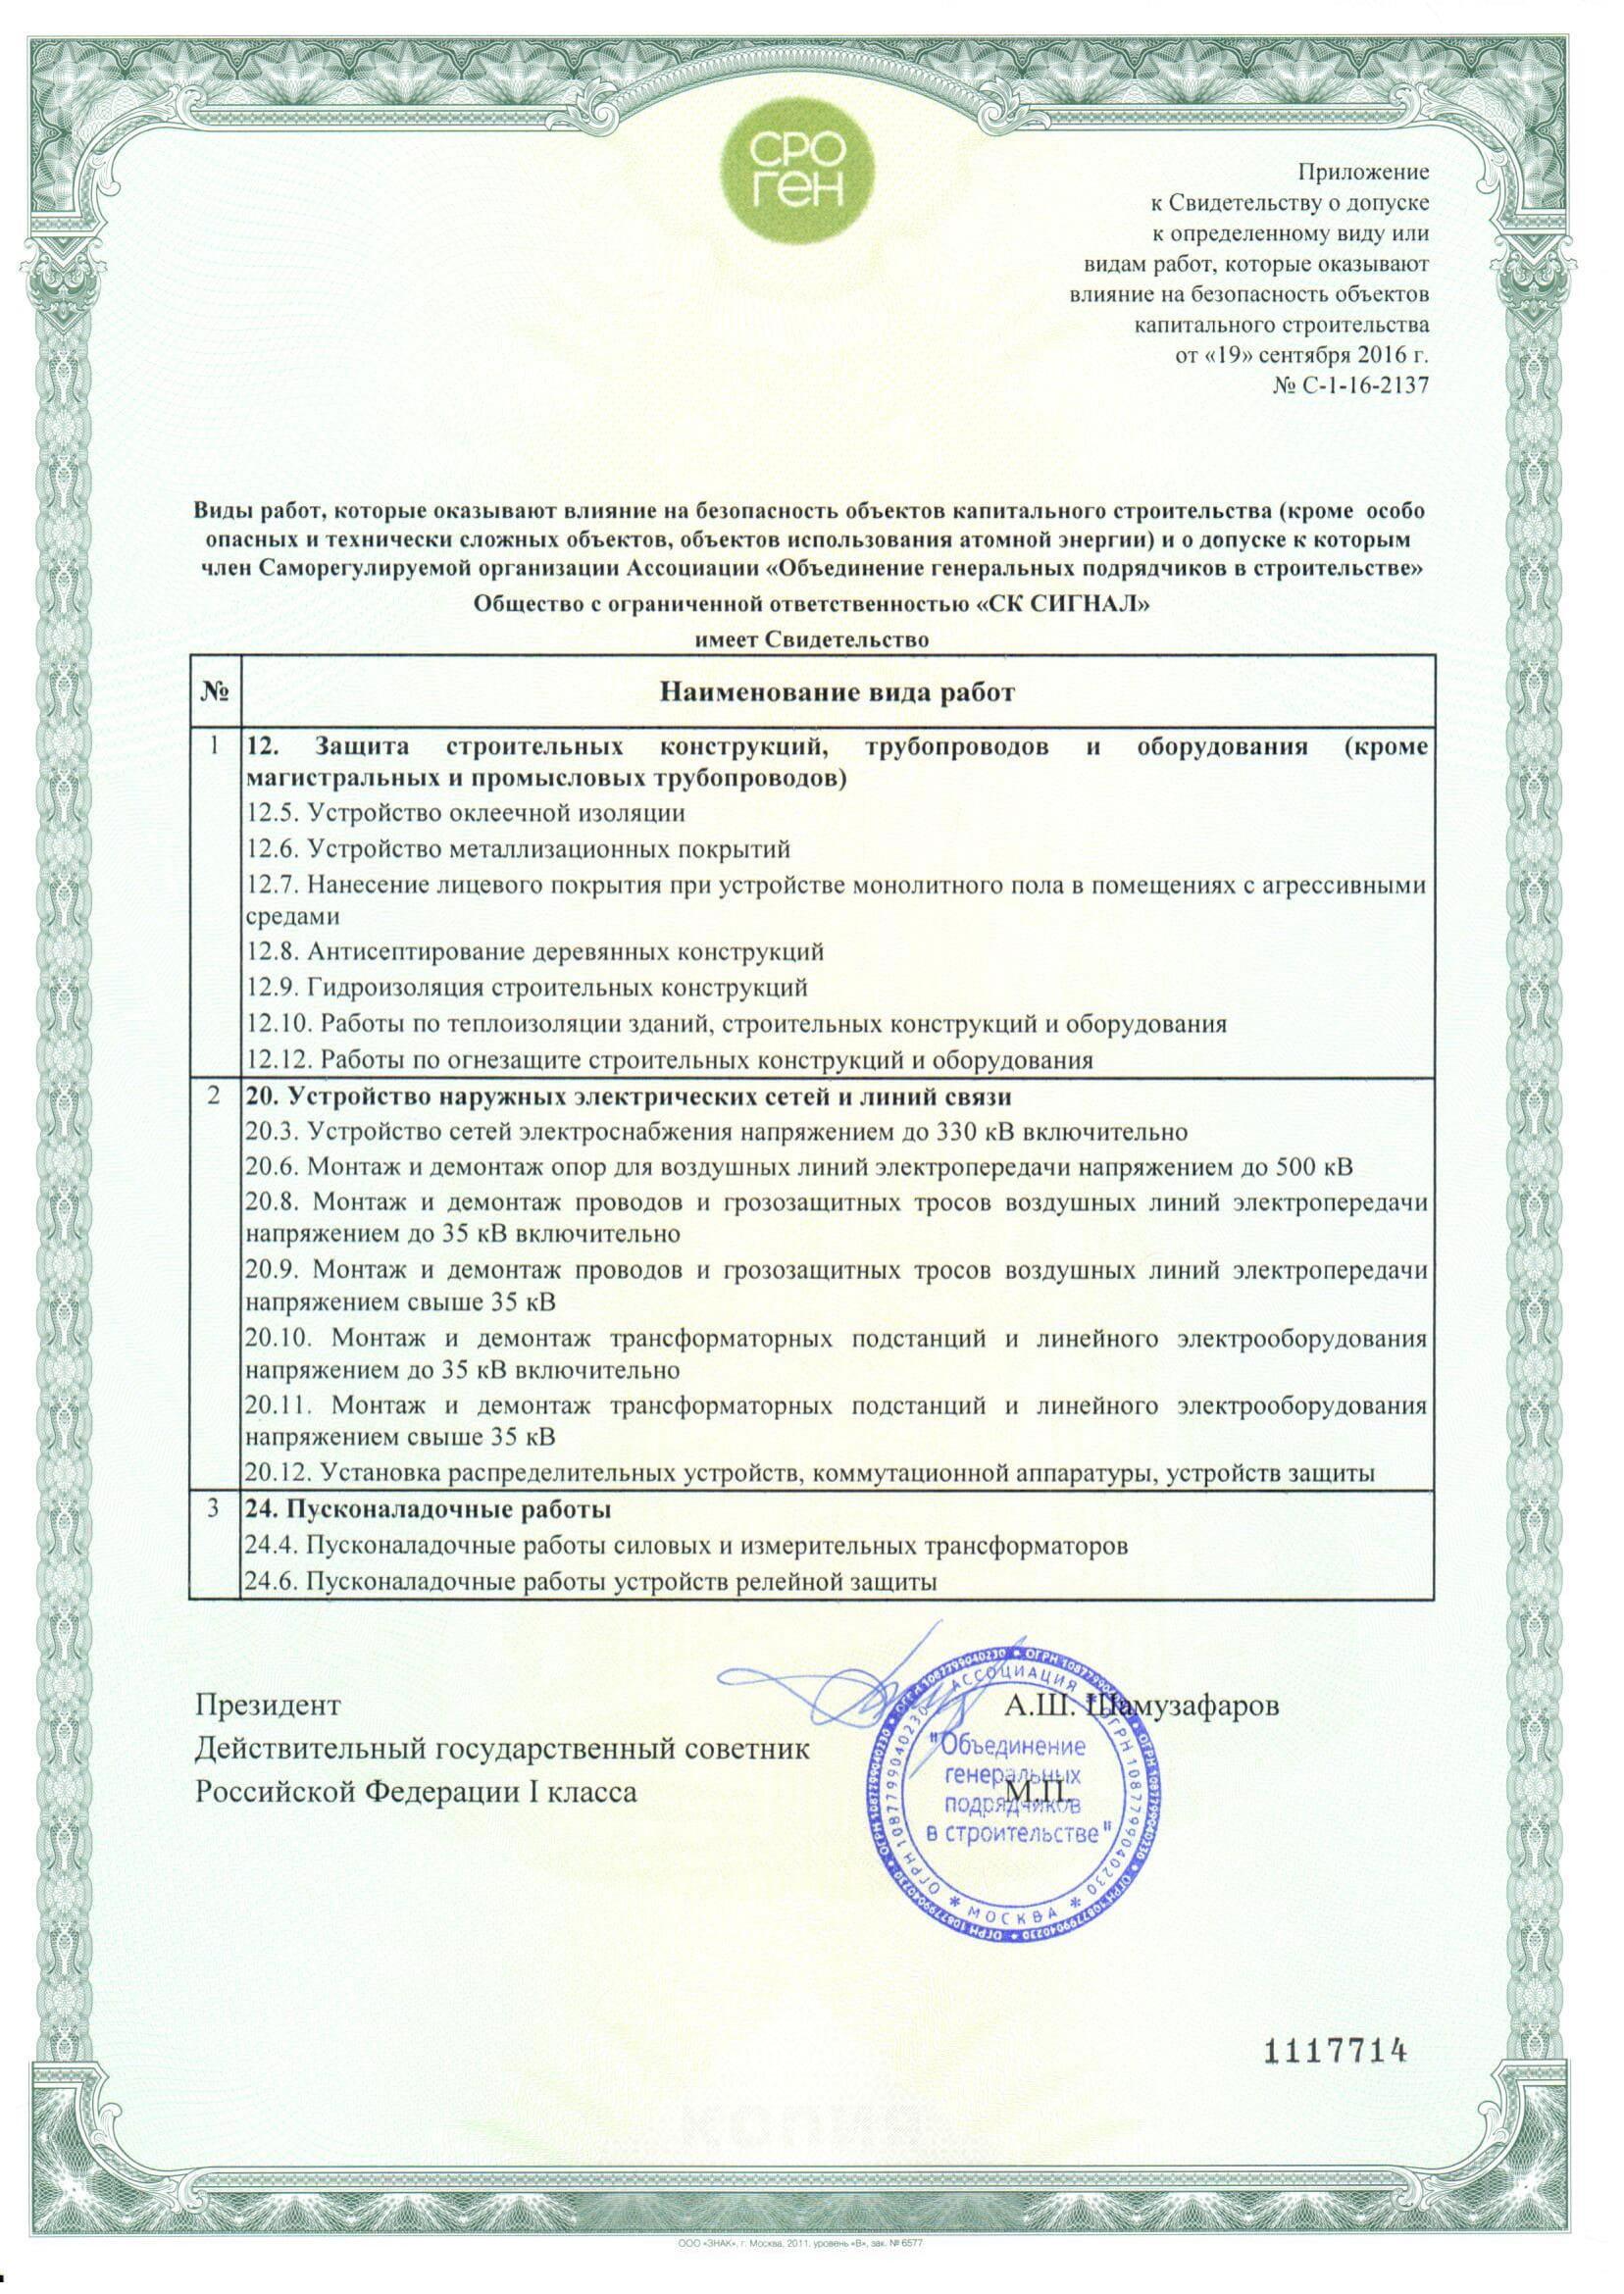 Свидетельство СРО кап. строит. - 2013-3